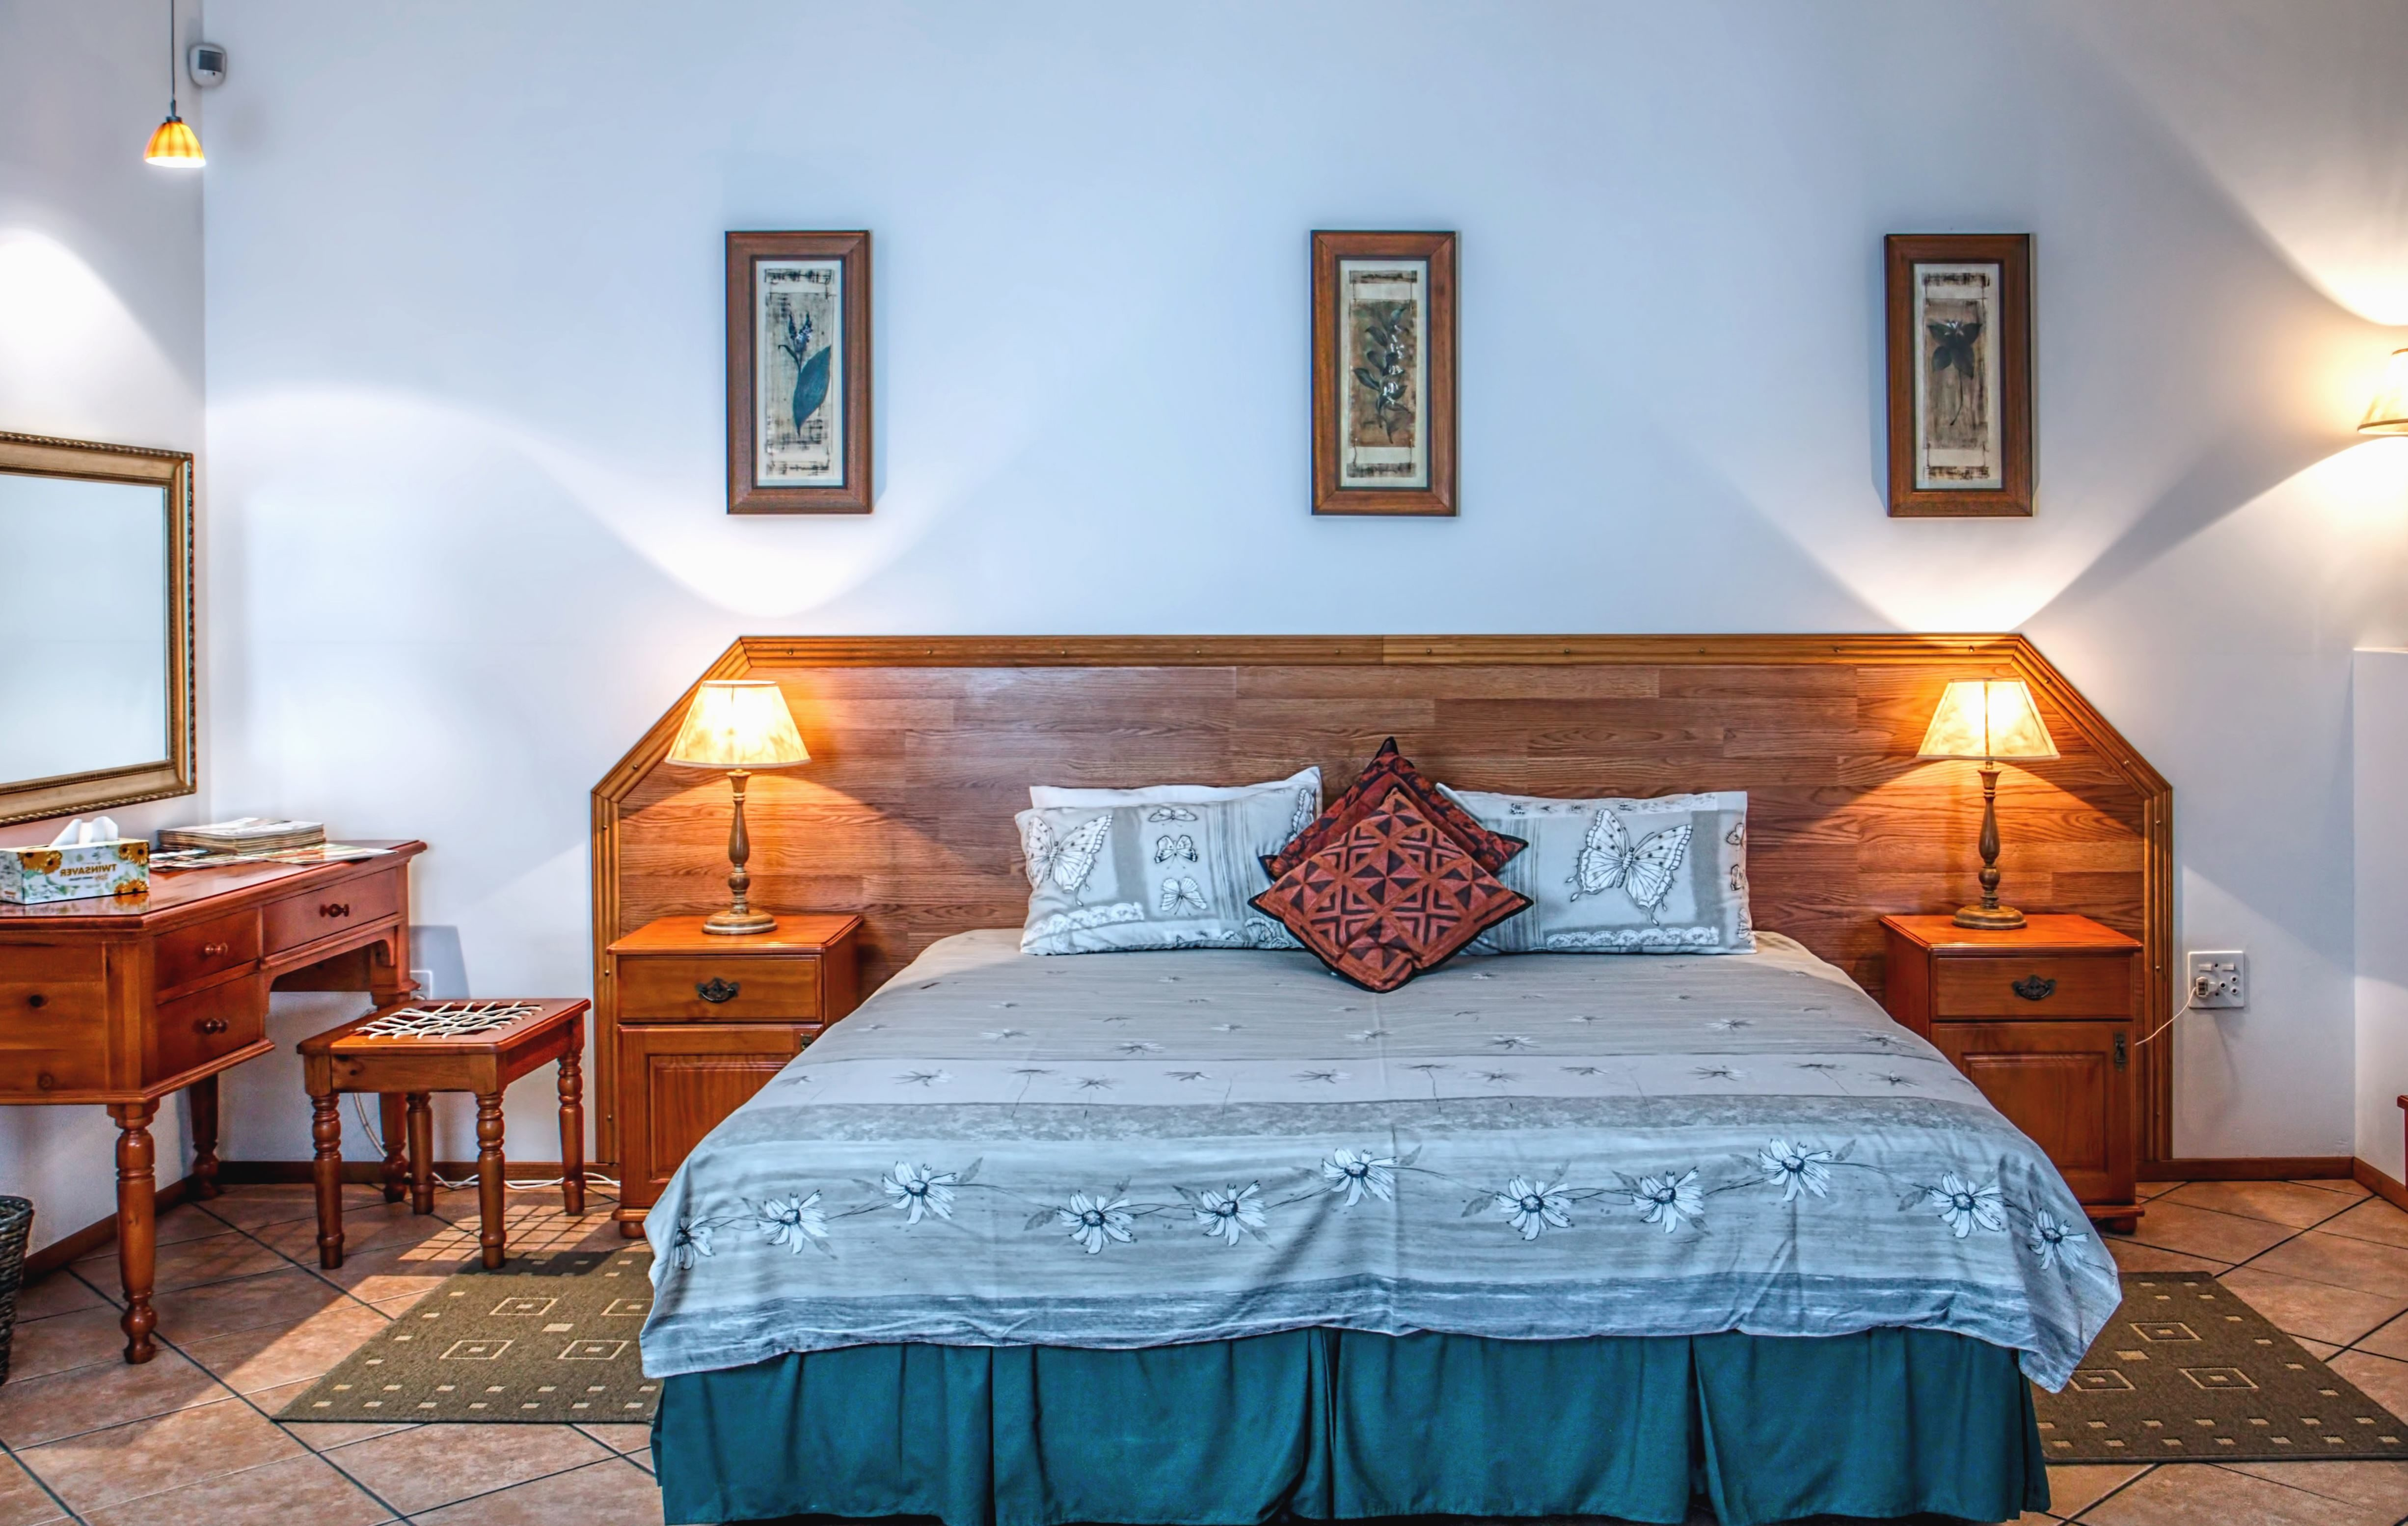 Foto gratis camera da letto mobili interni interni for Camera da letto interior design